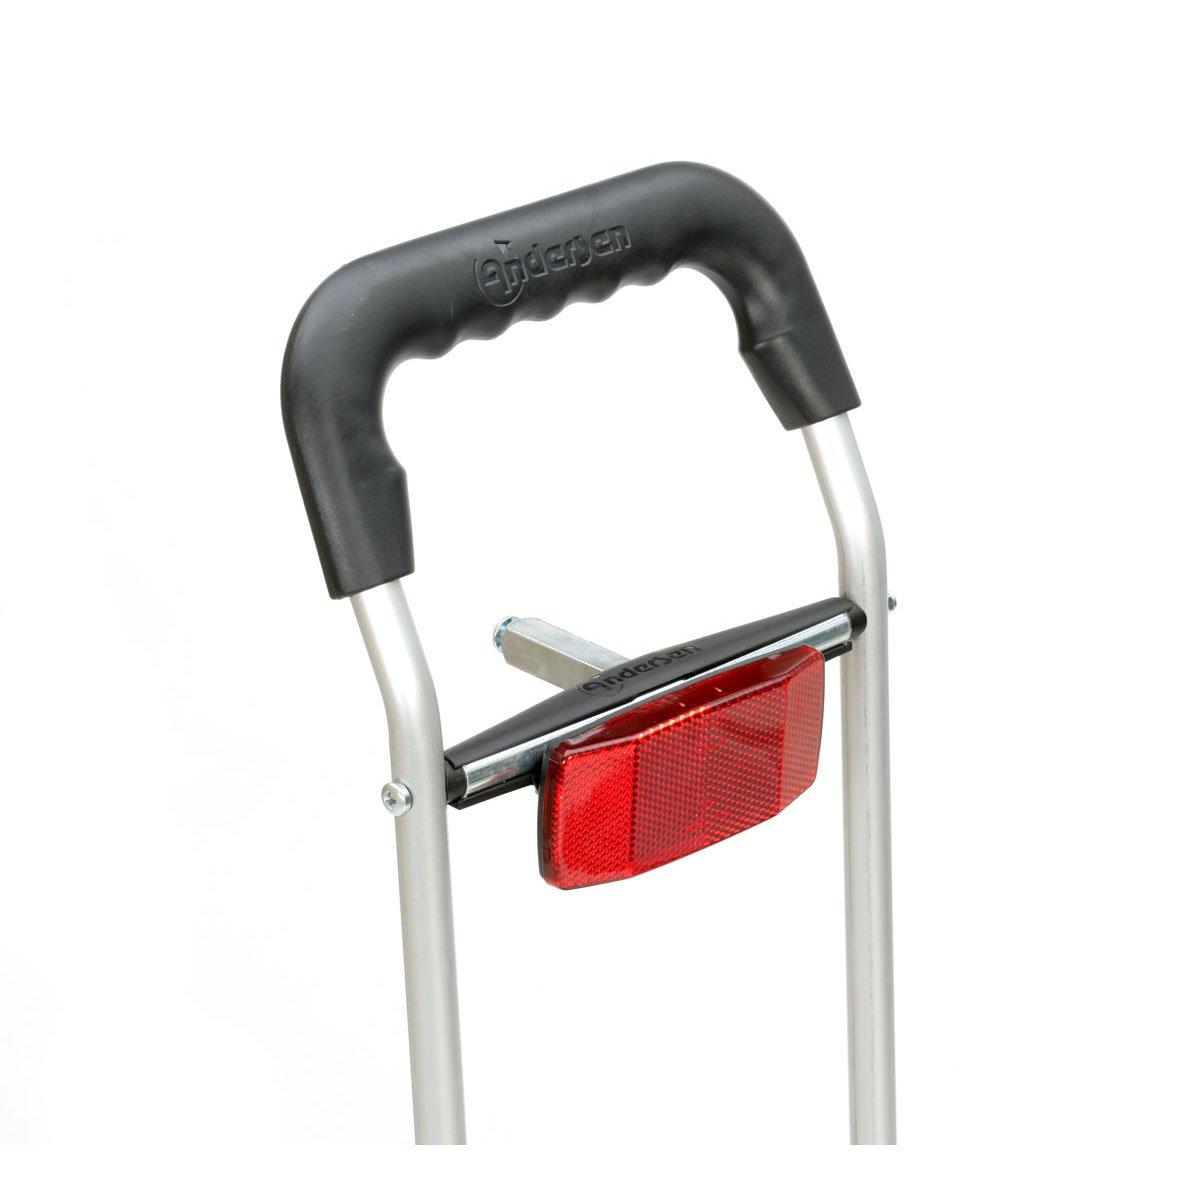 Andersen Chariot de courses Royal Hydro avec roues pneumatiques et attelage de v/élo pour porte-baggage; Sacoche couleur rouge avec compartiment isotherme Offre sp/éciale